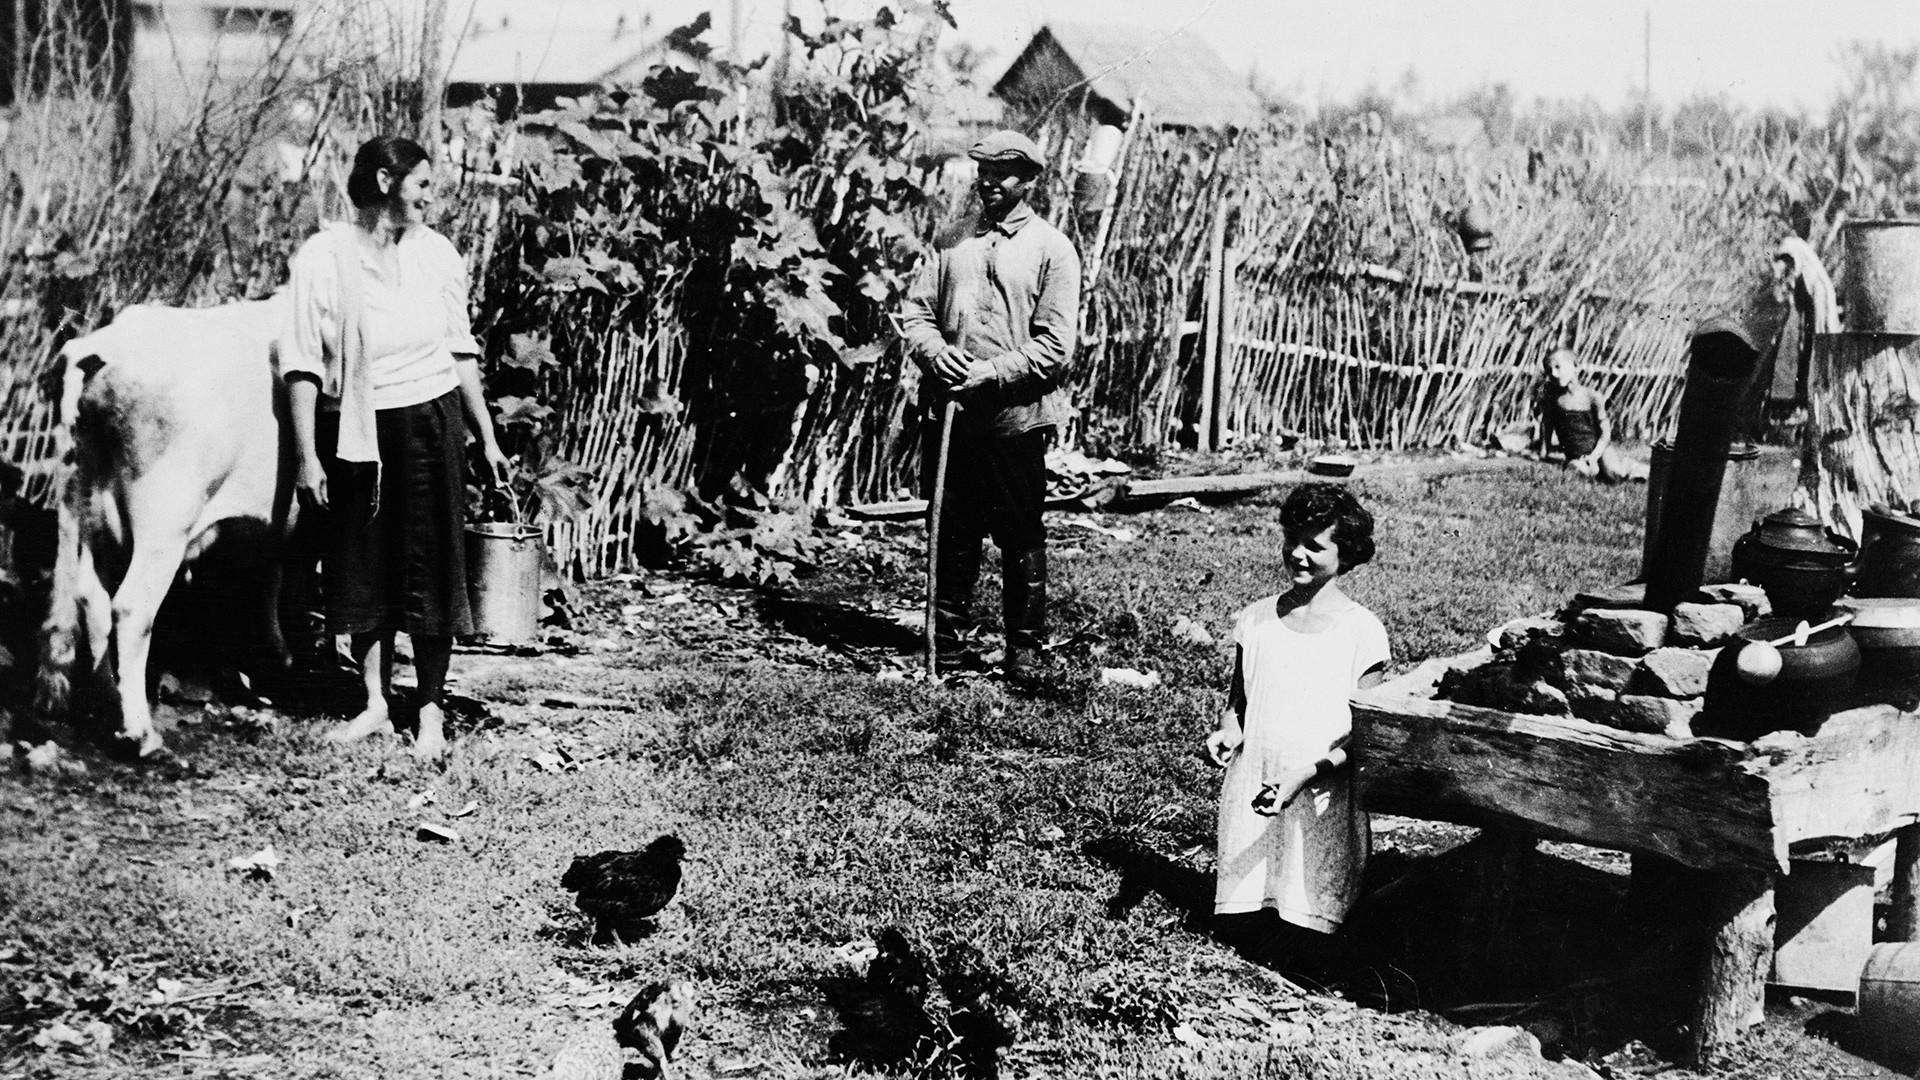 Колхозник Михаил Гефен, његова жена Шејна и њихова ћерка обрађују земљу на имању у Биробиџану (Јеврејска аутономна област СССР-а). Имају краву, теле, свиње, кокошке и башту. Јевреји из свих крајева света су 1928. почели да насељавају овај регион. Почетак новог живота у непроходној сибирској тајги.